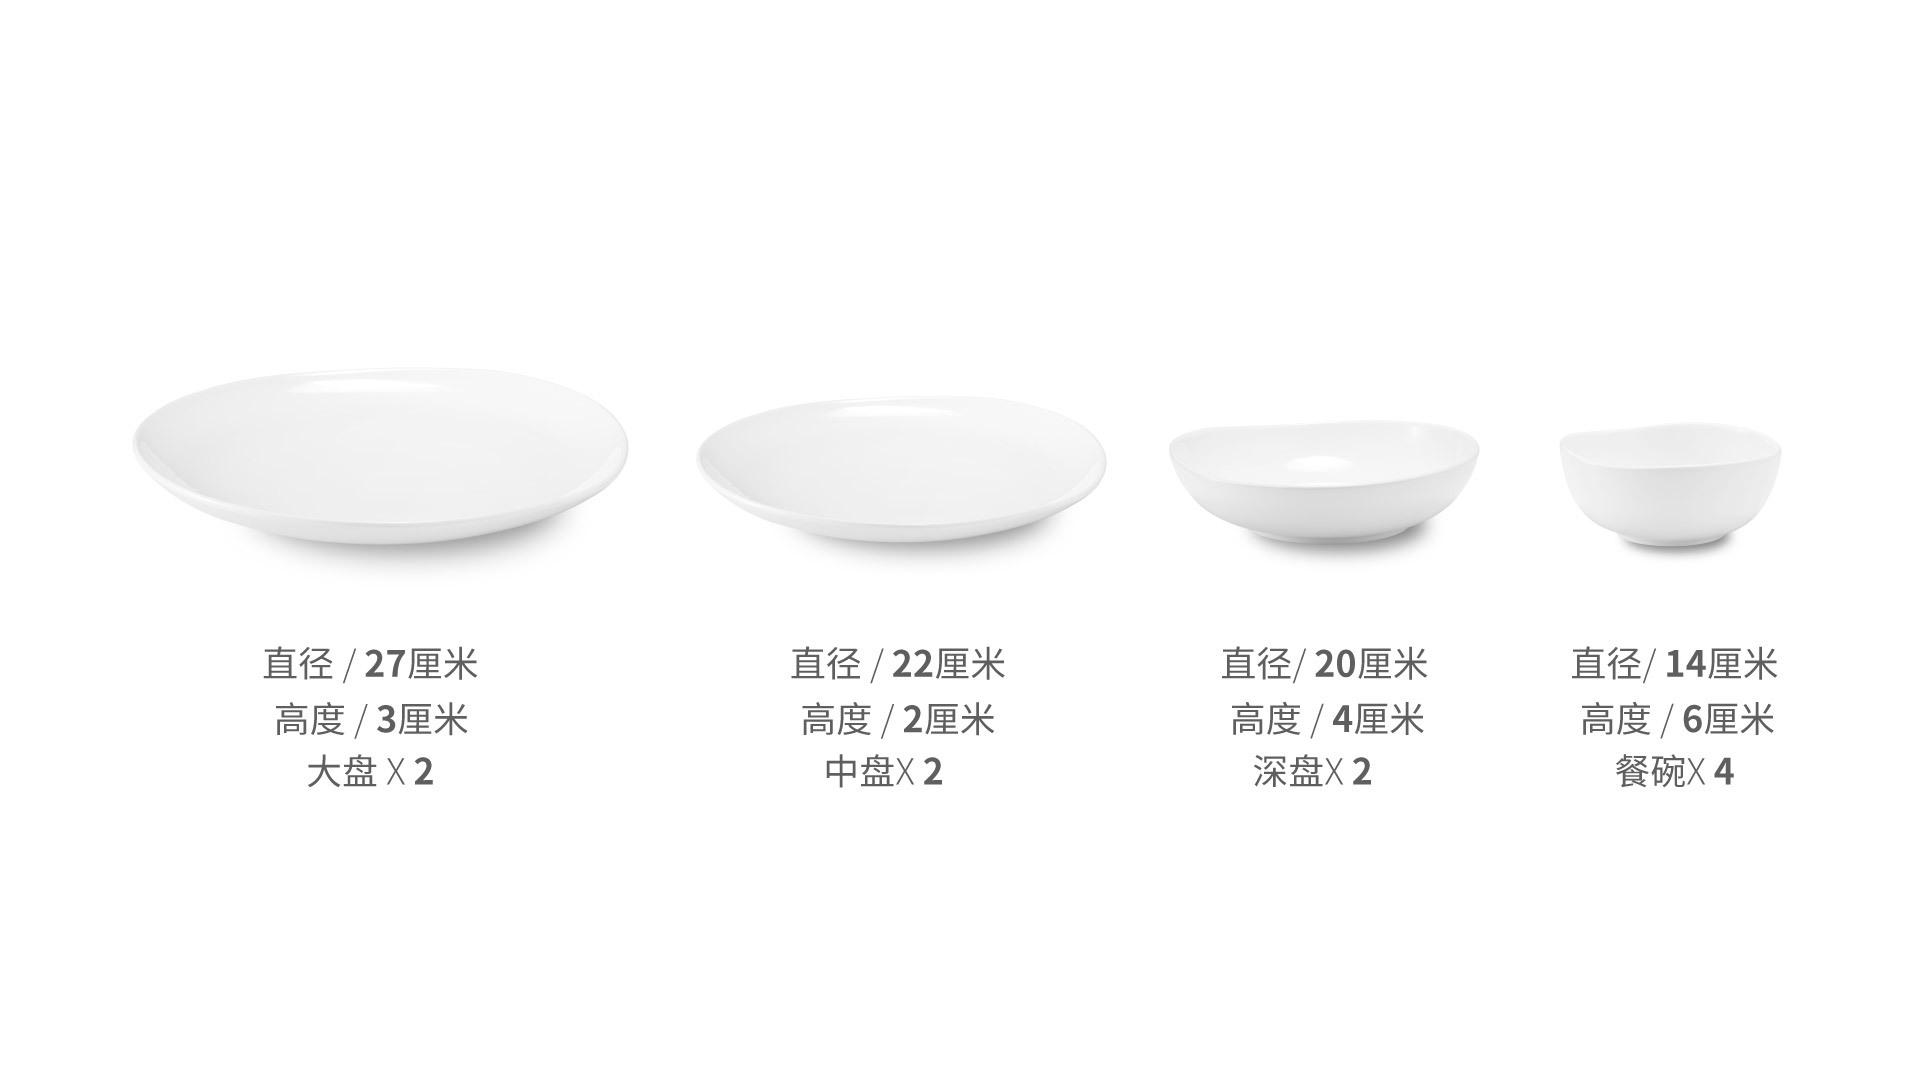 涟漪法国瓷土10件套餐具组餐具效果图